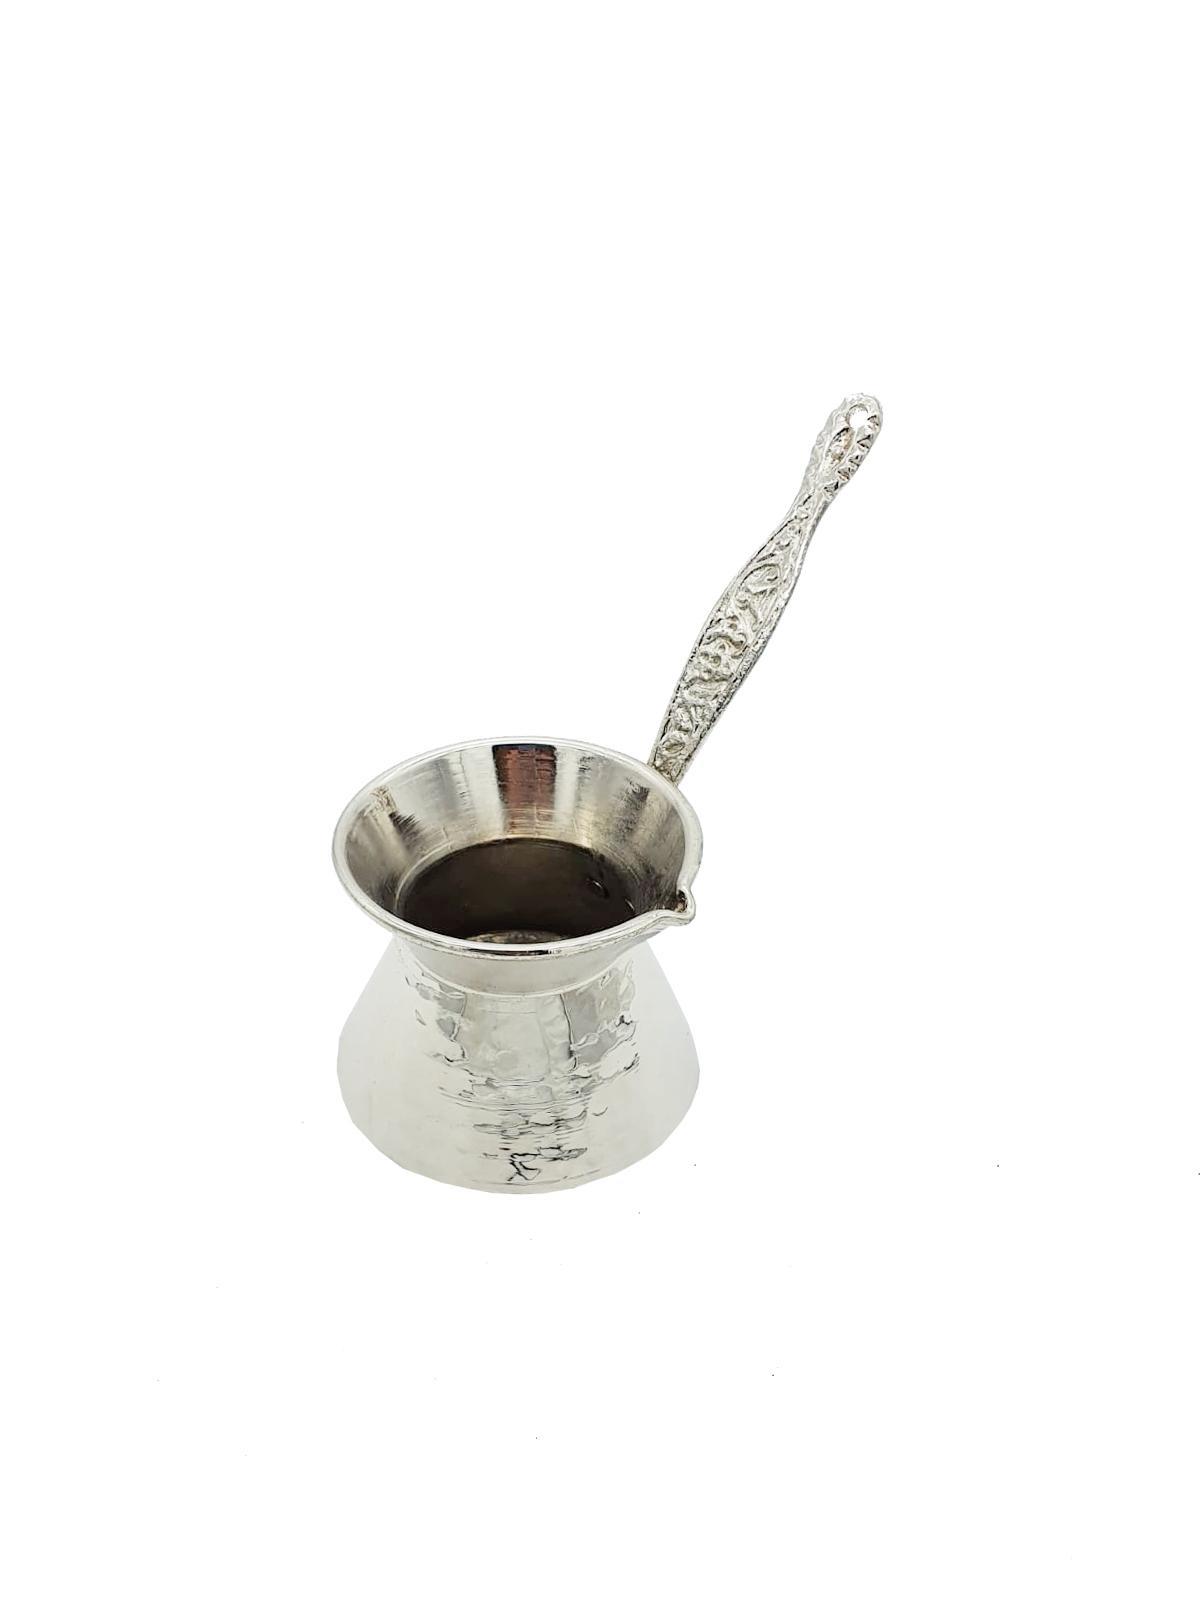 Buy Silver Coffee Pot with Silver Handle - Medium